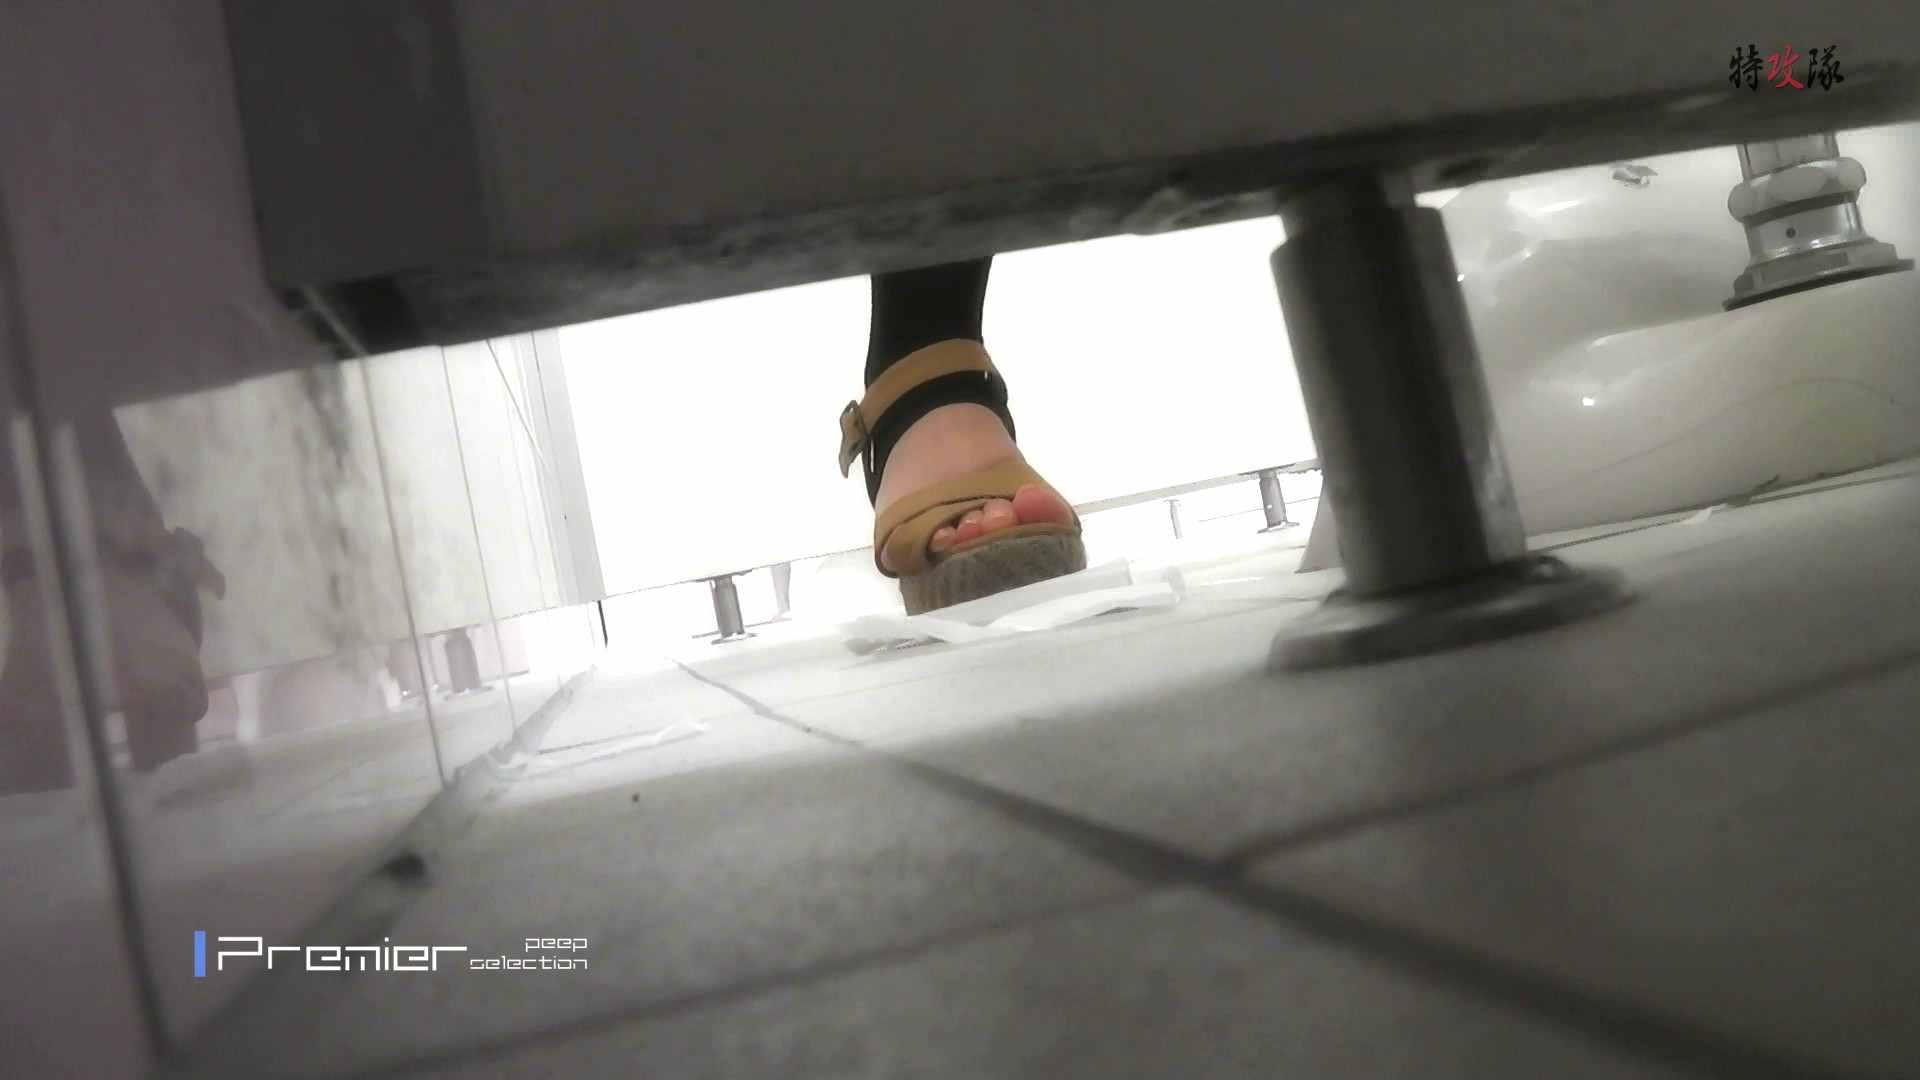 無修正エロ動画 幻14 清楚系女子下半身はジャングル!!撮り師泣かせの密林 トイレ盗撮 怪盗ジョーカー